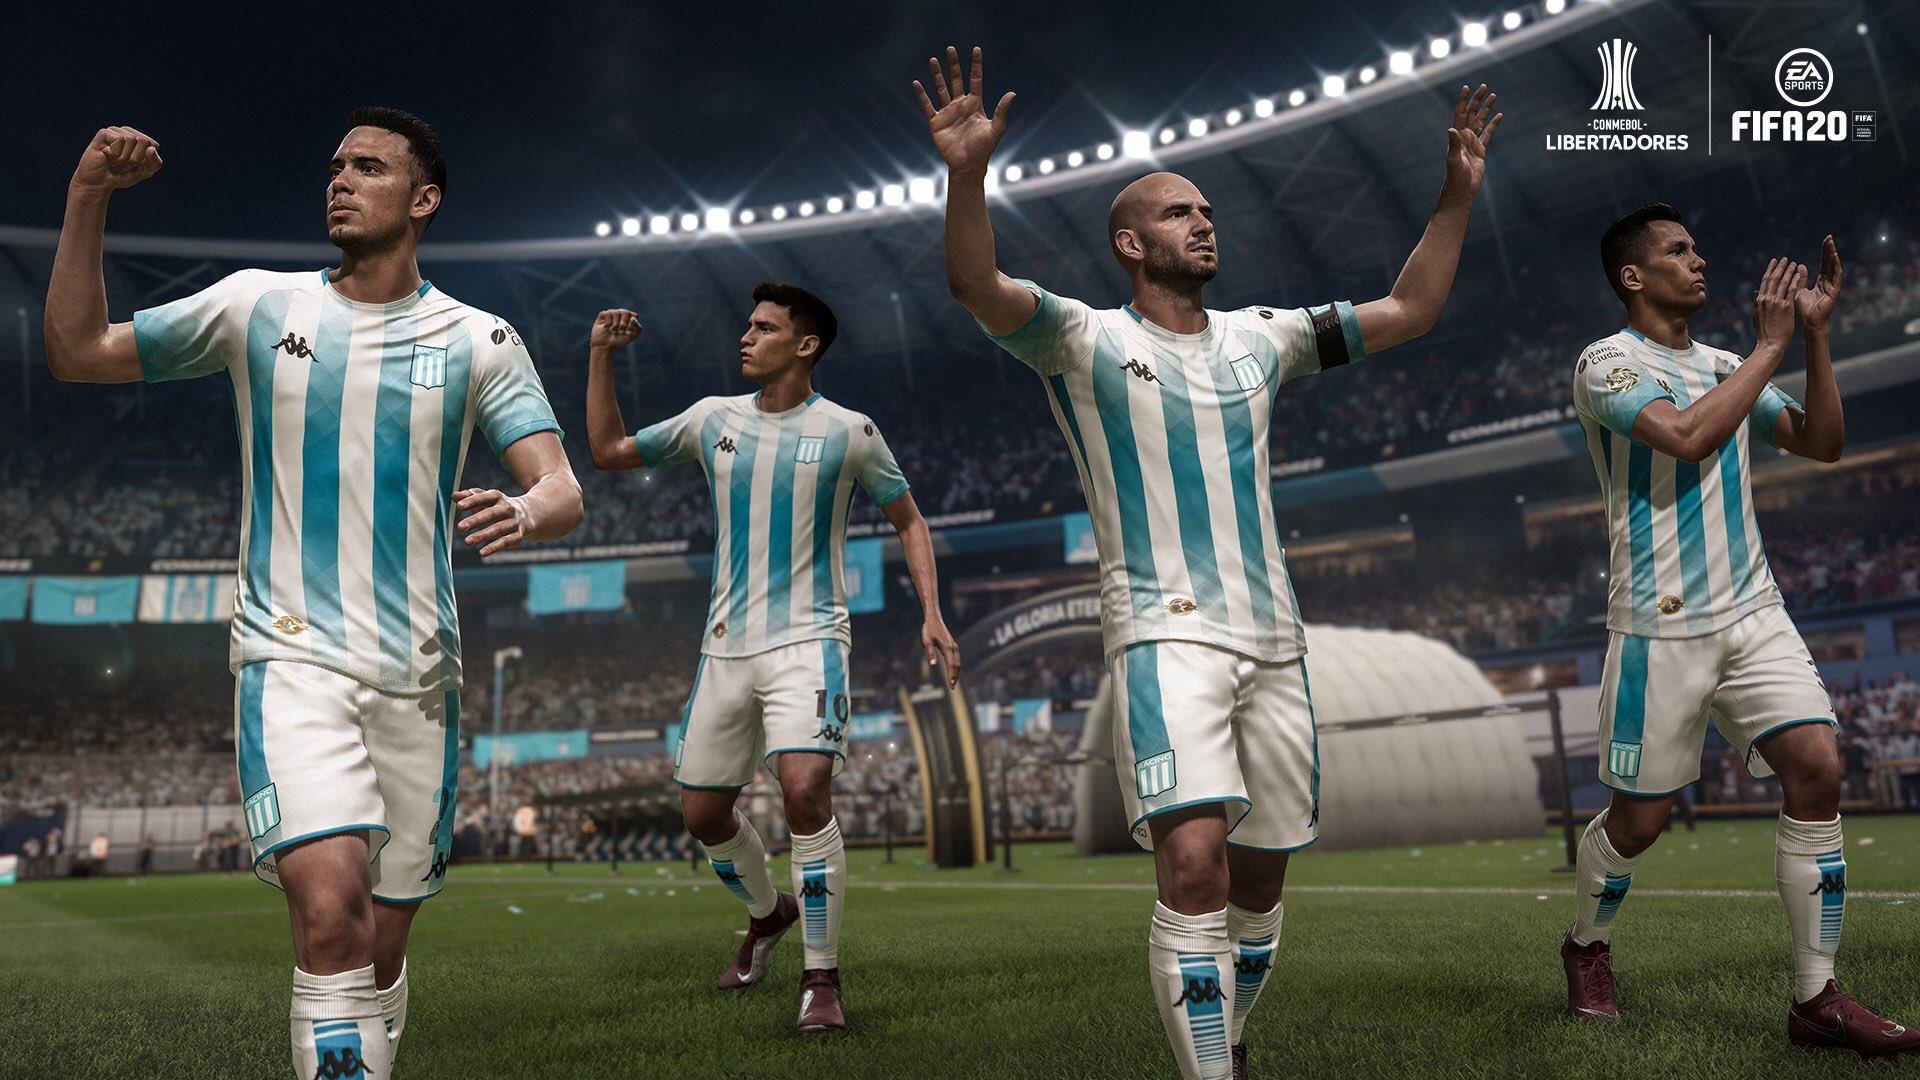 La Copa Libertadores tiene fecha confirmada para llegar a FIFA 20